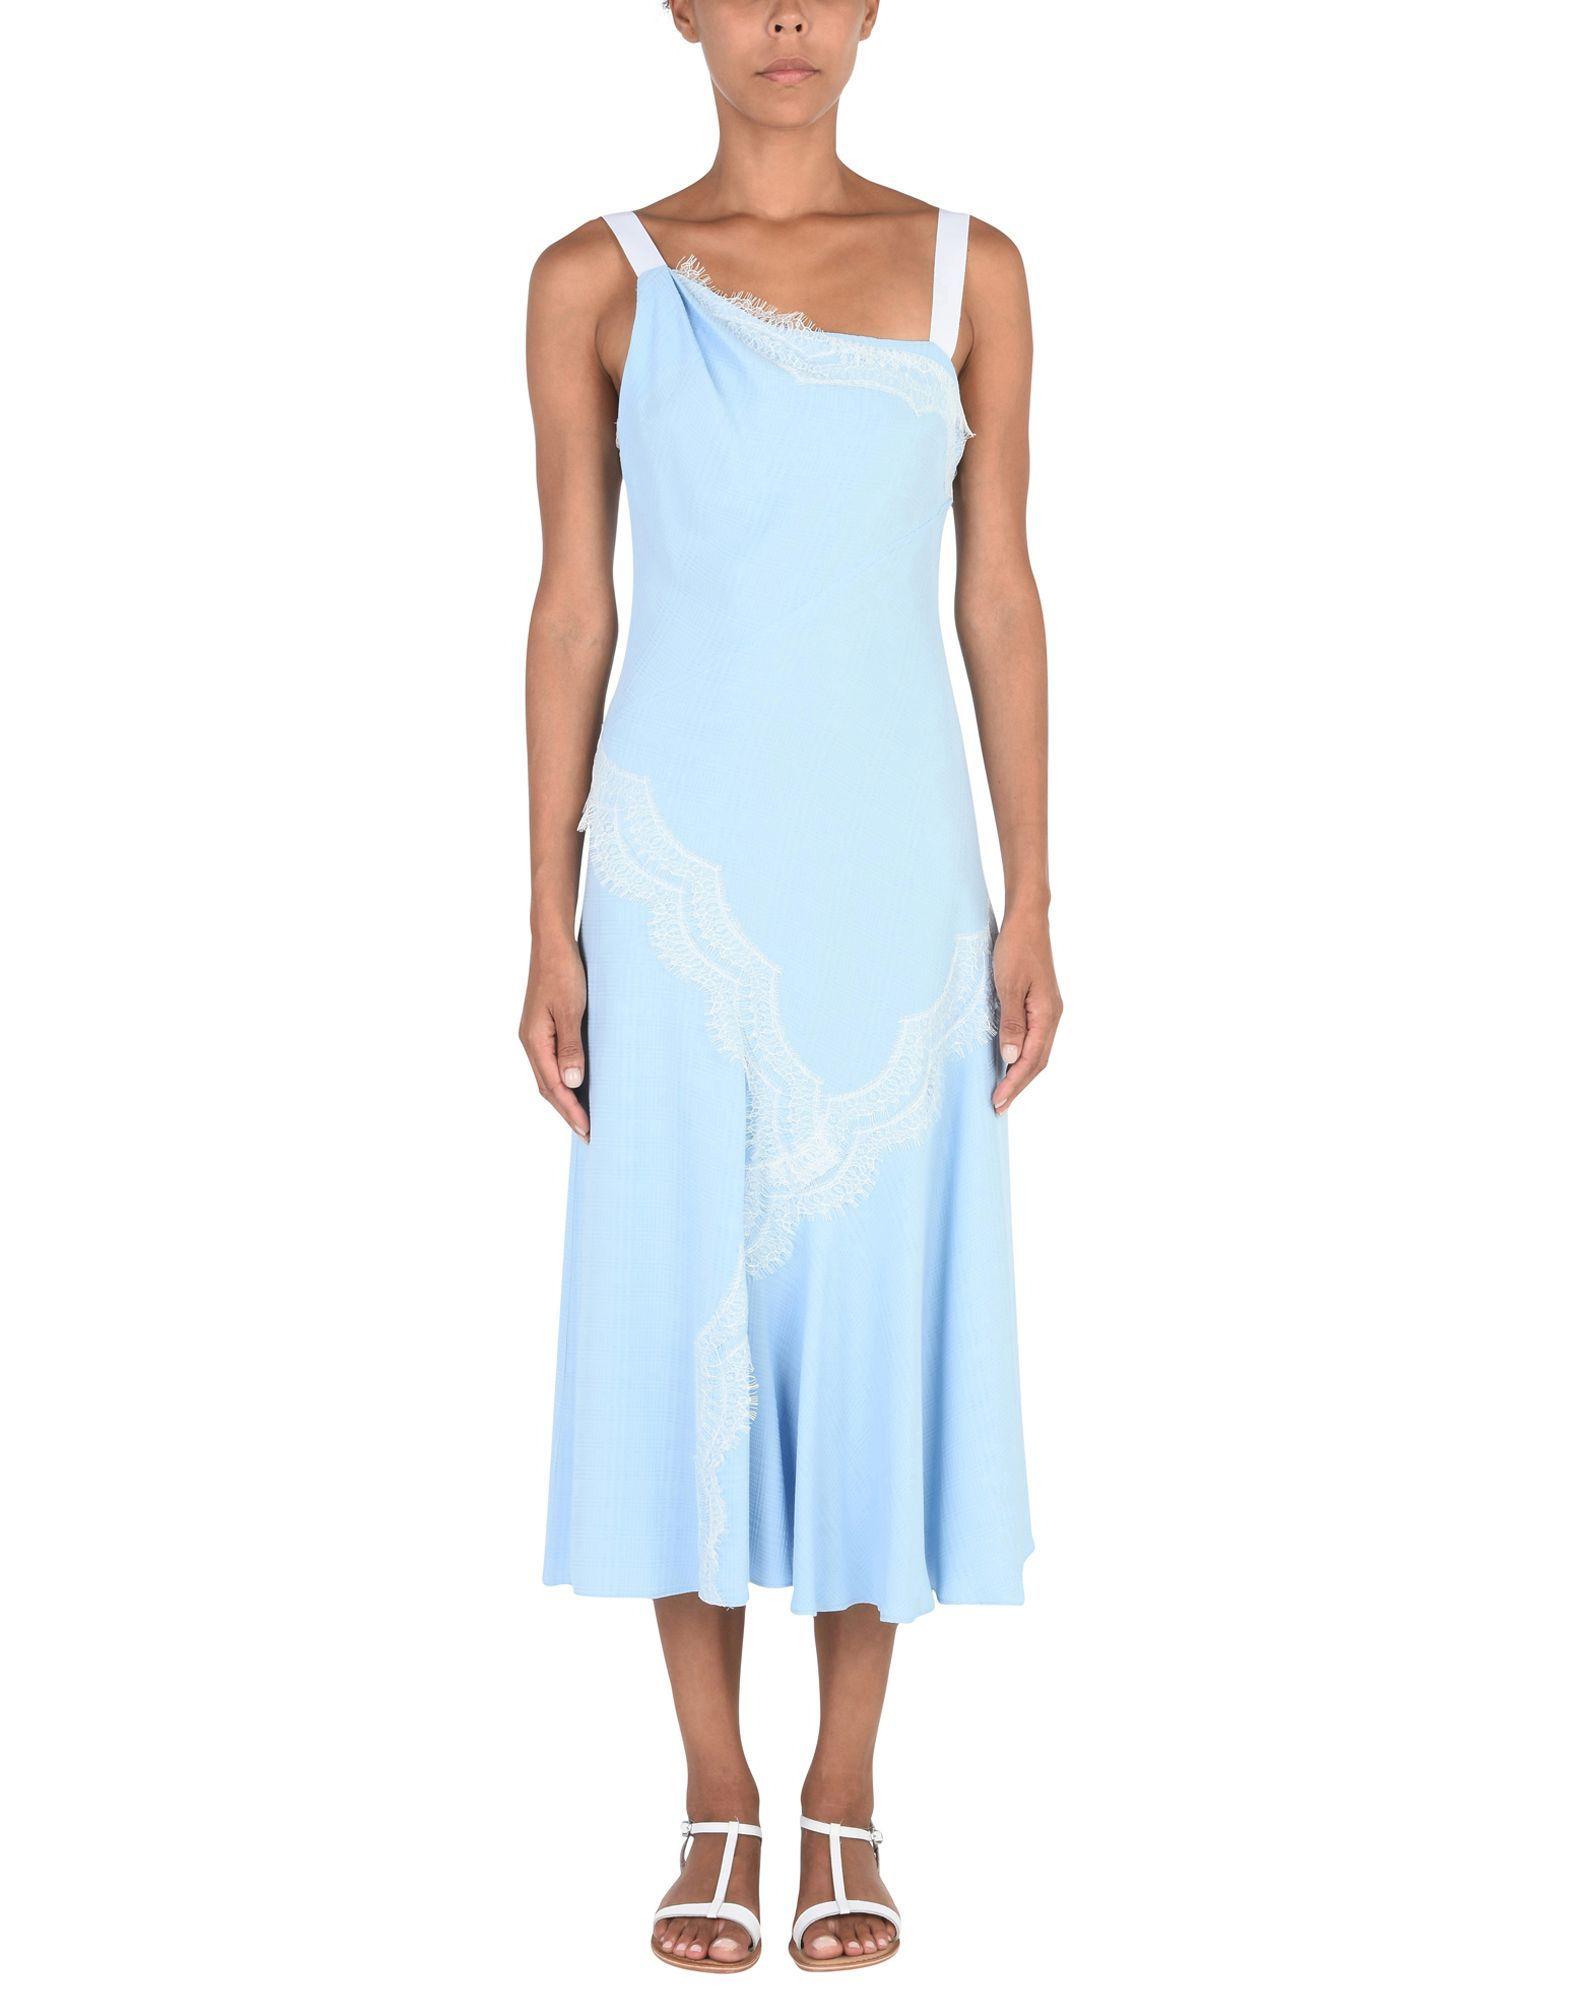 Prabal Gurung Sky Blue Dress